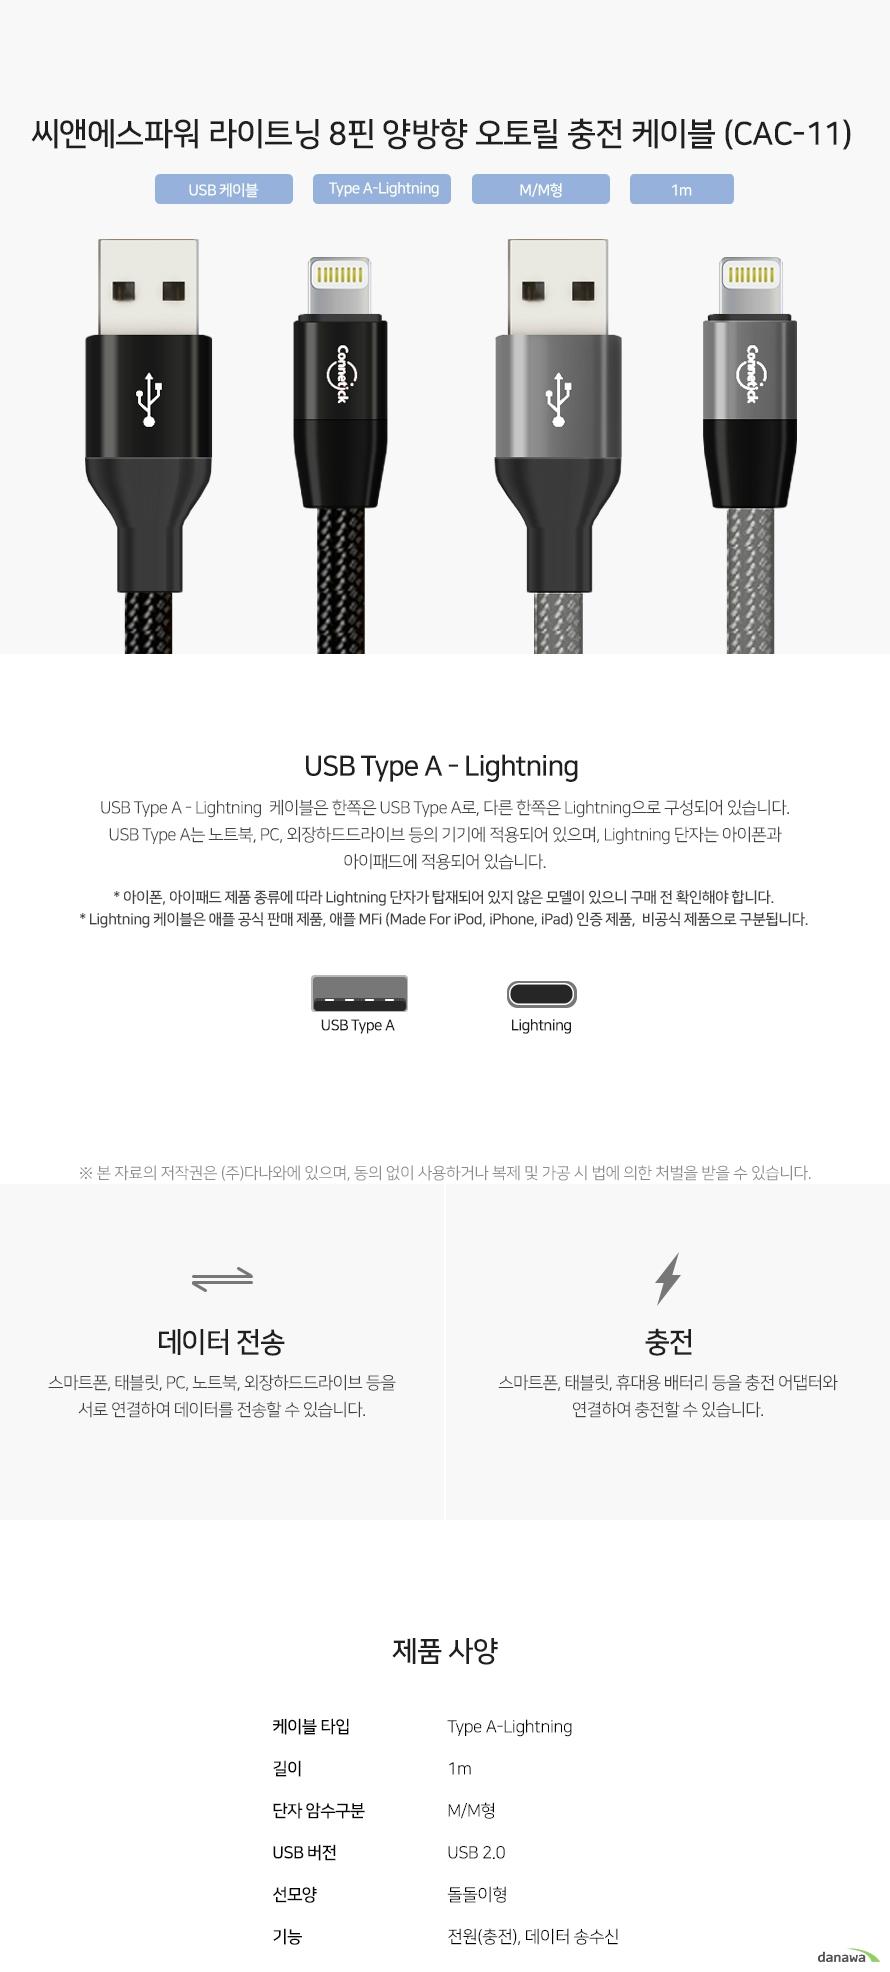 씨앤에스파워 라이트닝 8핀 양방향 오토릴 충전 케이블 (CAC-11) USB Type A - Lightning  케이블은 한쪽은 USB Type A로, 다른 한쪽은 Lightning으로 구성되어 있습니다. USB Type A는 노트북, PC, 외장하드드라이브 등의 기기에 적용되어 있으며, Lightning 단자는 아이폰과 아이패드에 적용되어 있습니다. 스마트폰, 태블릿, PC, 노트북, 외장하드드라이브 등을 서로 연결하여 데이터를 전송할 수 있습니다. 스마트폰, 태블릿, 휴대용 배터리 등을 충전 어댑터와 연결하여 충전할 수 있습니다.